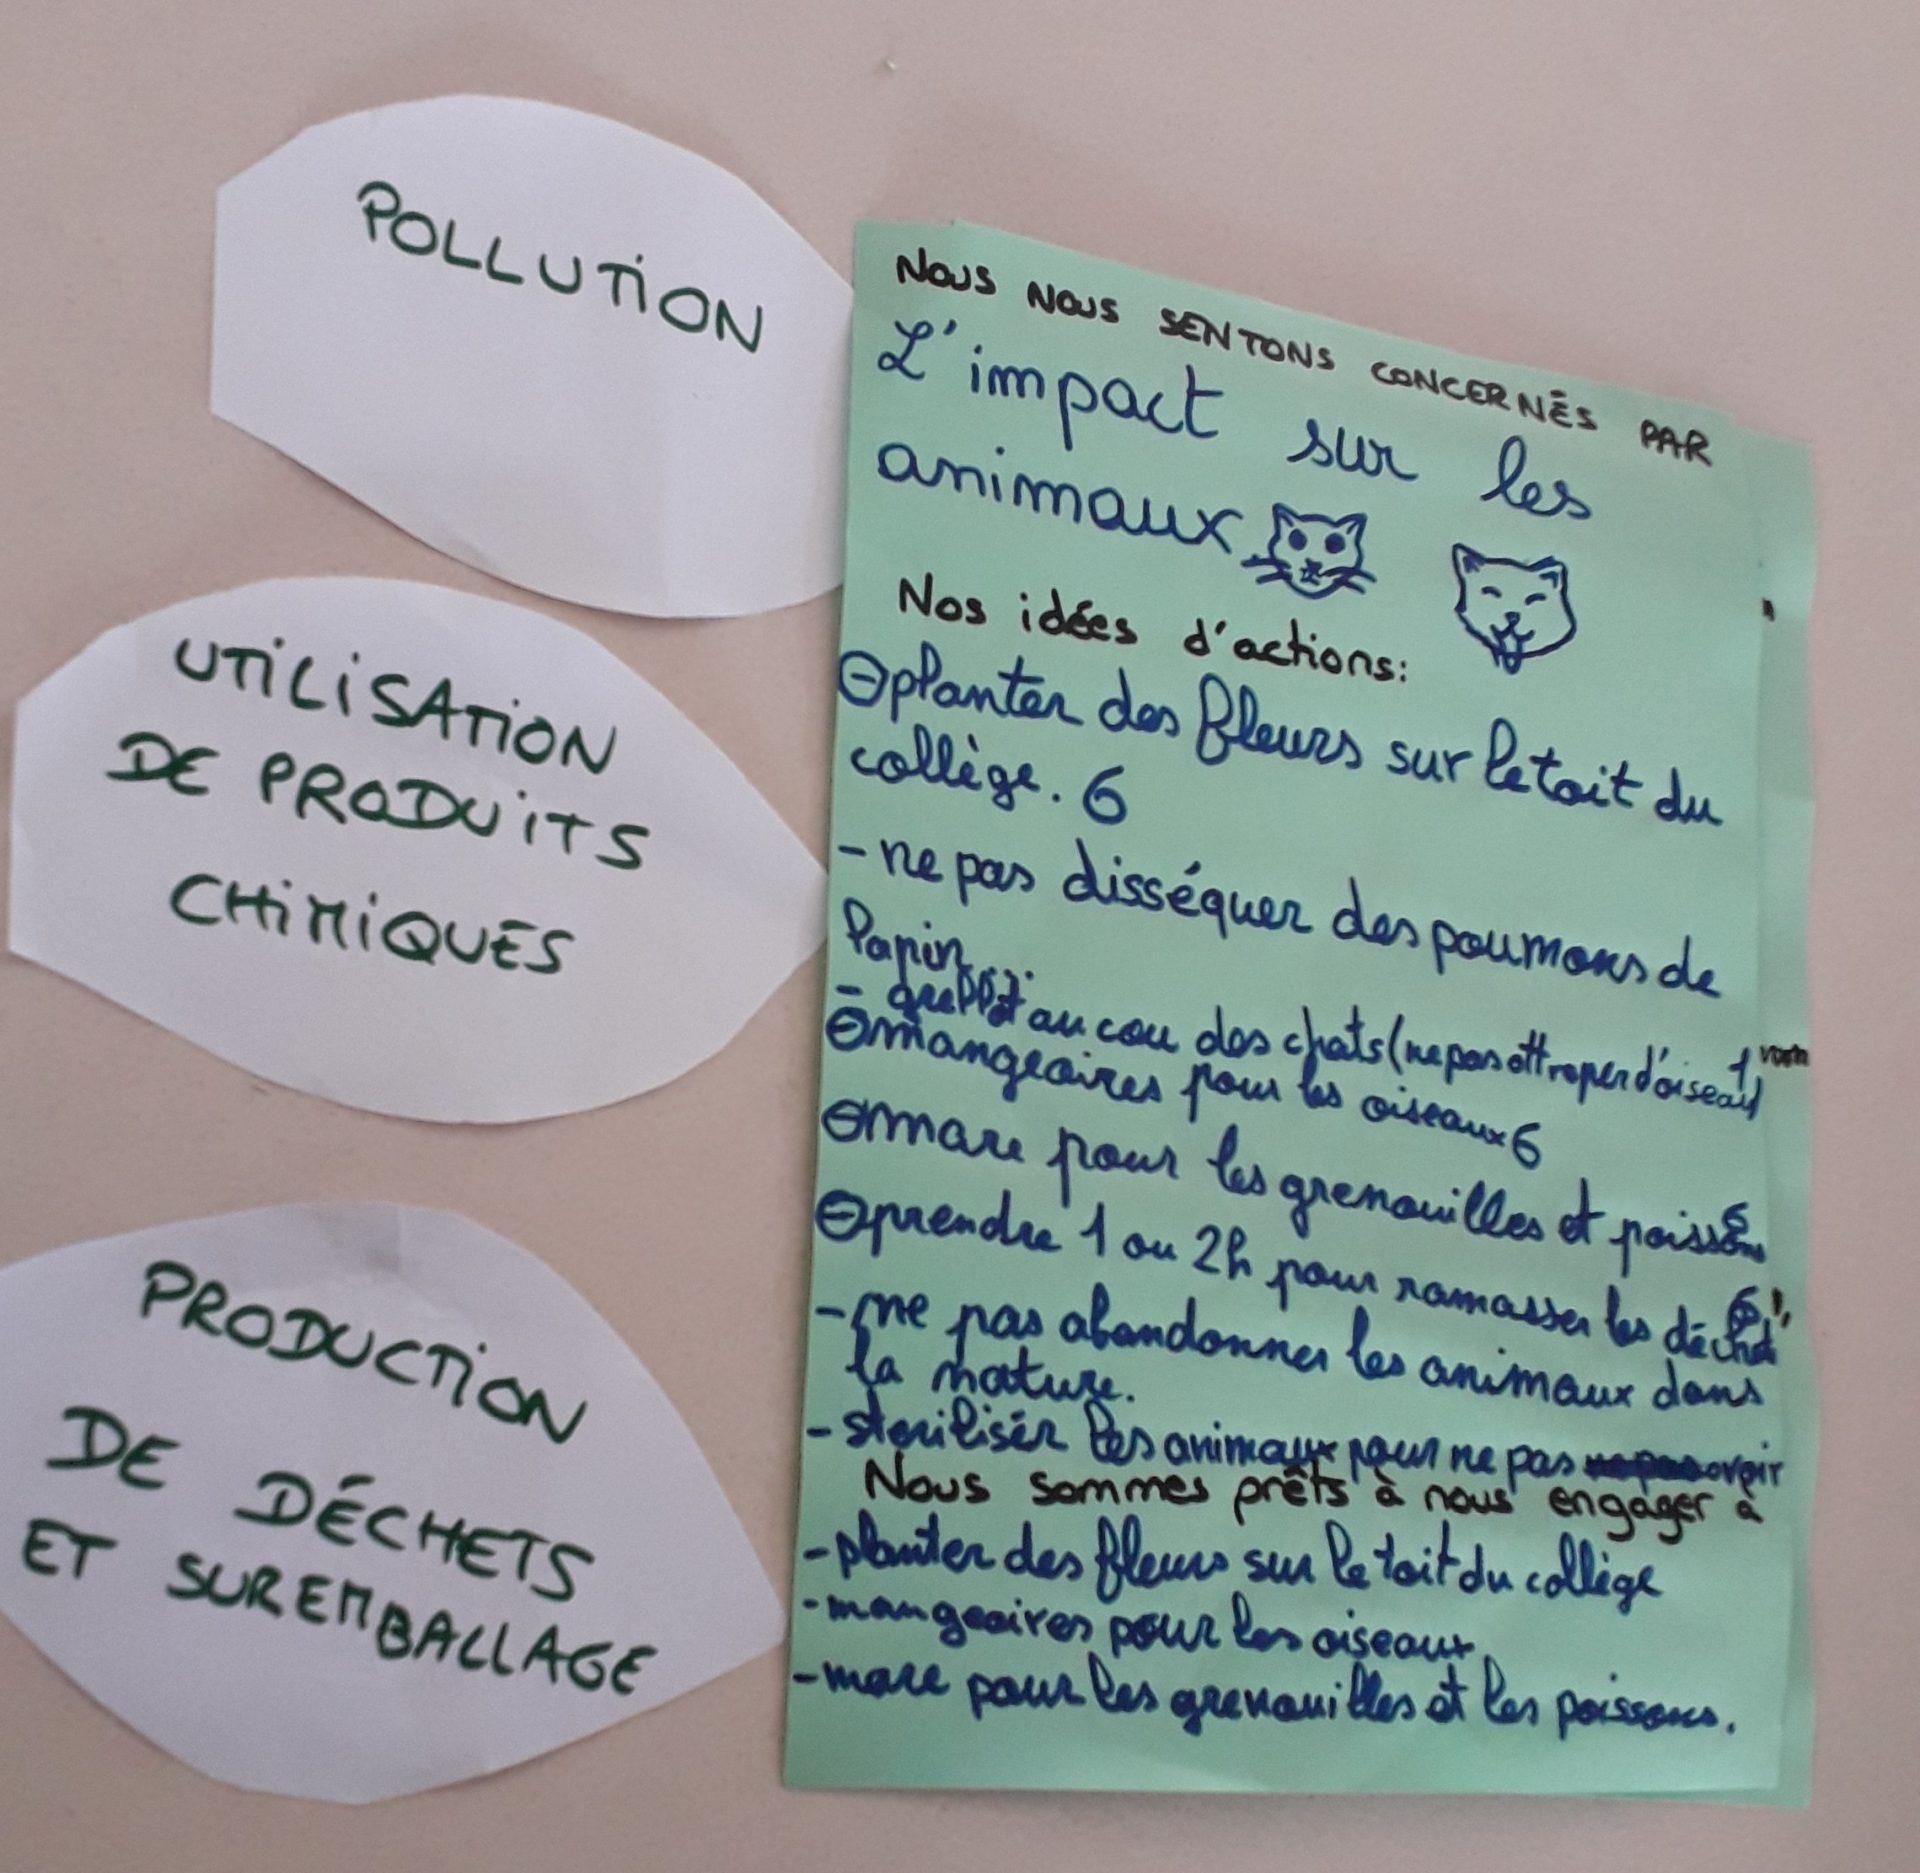 Des exemples de pistes d'actions donné es par les élèves, à mettre en œuvre au sein du collège